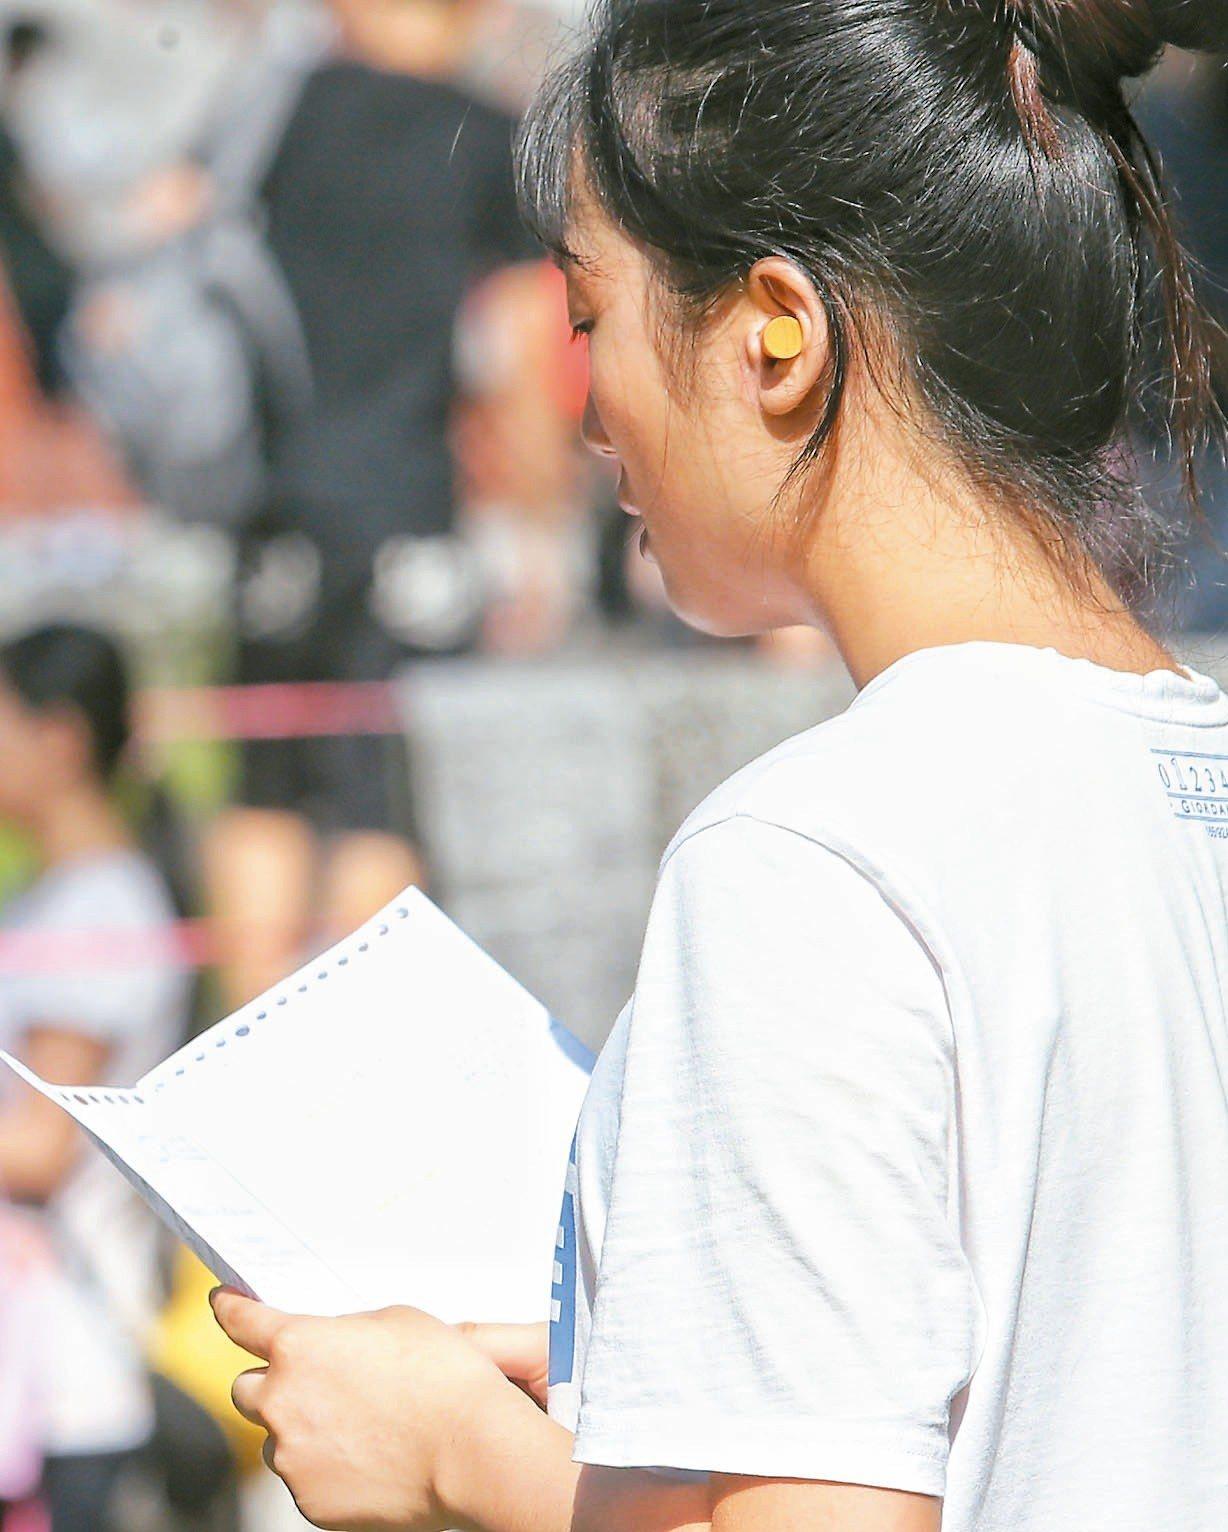 107學年度大學指考昨天進入第一天,物理、化學、生物先登場,有考生戴上耳塞專心複...